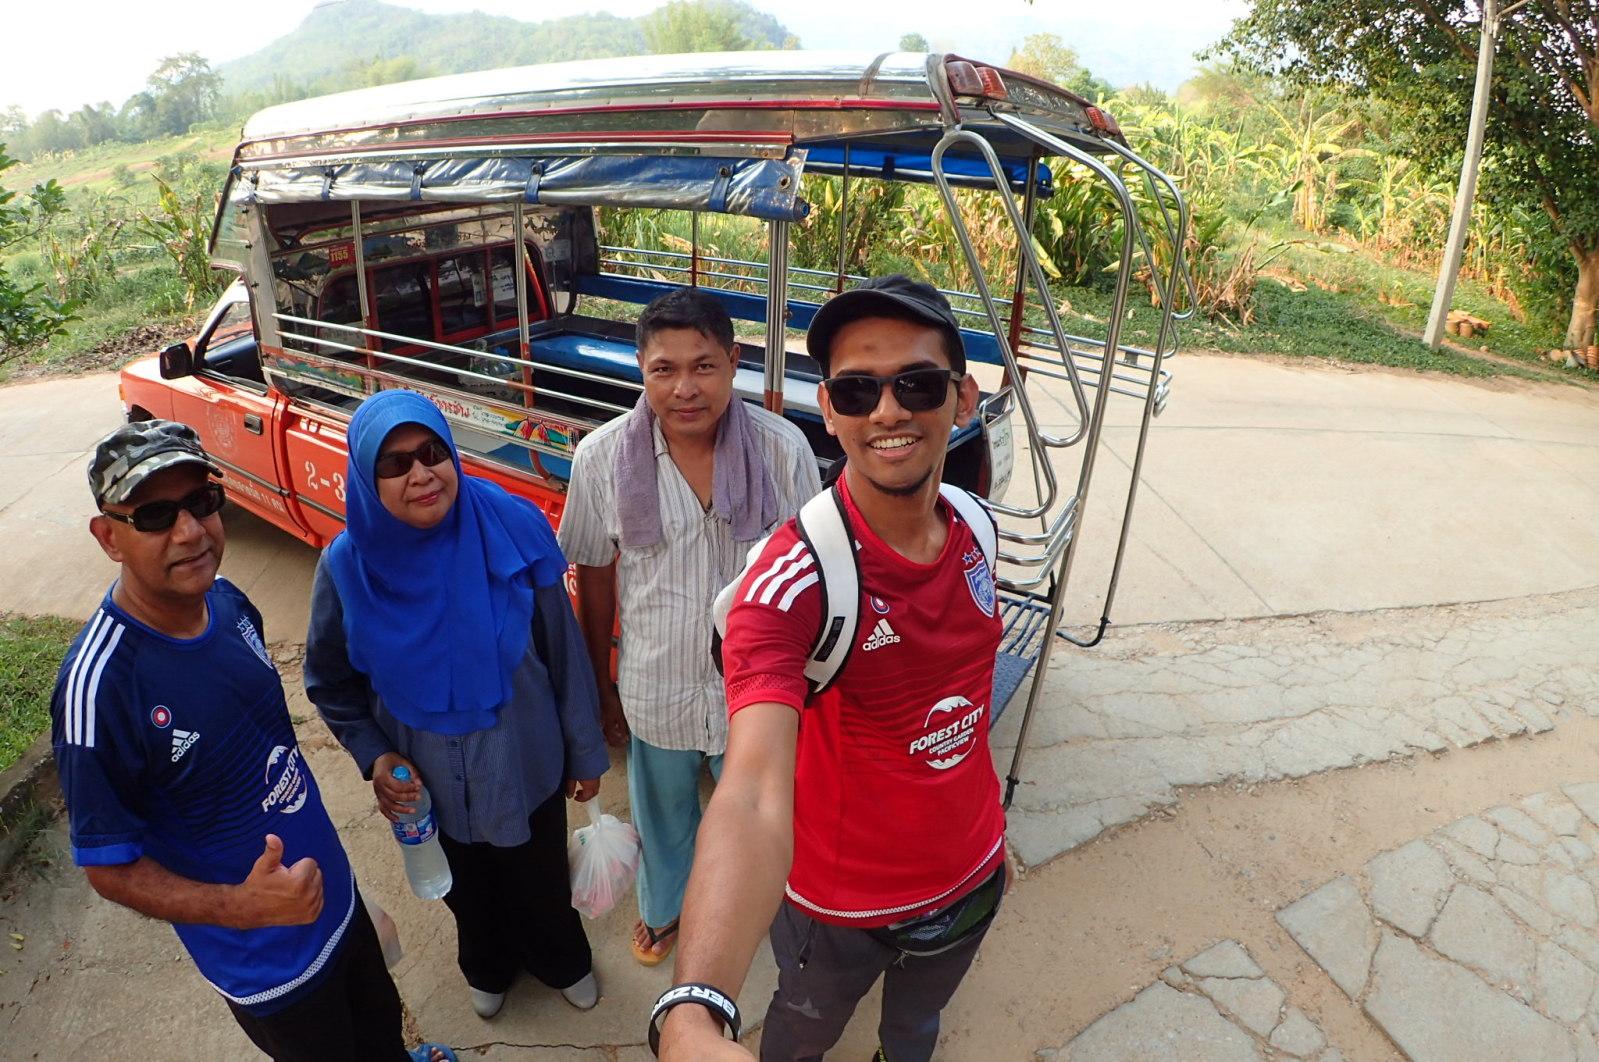 Bersama driver jeepney kami. Lupa pulak namanya siapa. Dia ni sangat baik. Kami makan dia tunggu, kami solat dia tunggu, kami pergi Erawan Falls sampai 3 jam lebih pun dia tunggu. Terima kasih banyak bro!